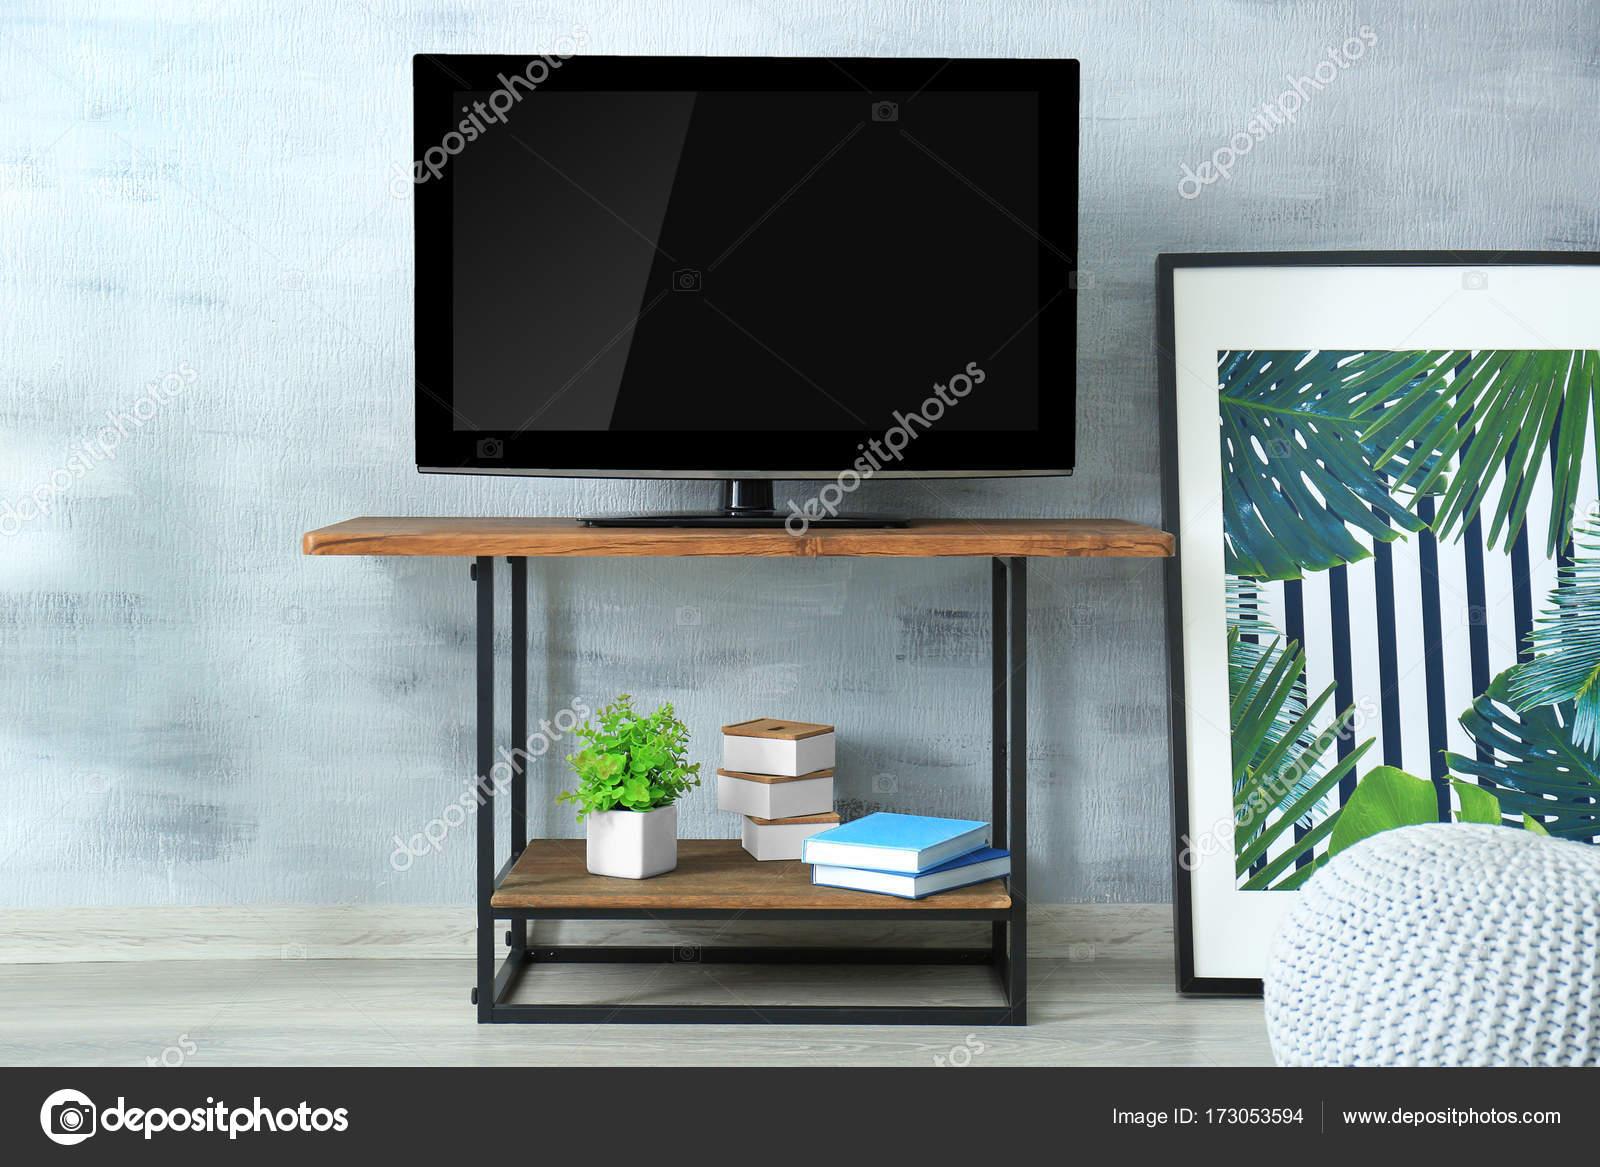 Moderne Tv aangezet in woonkamer — Stockfoto © belchonock #173053594